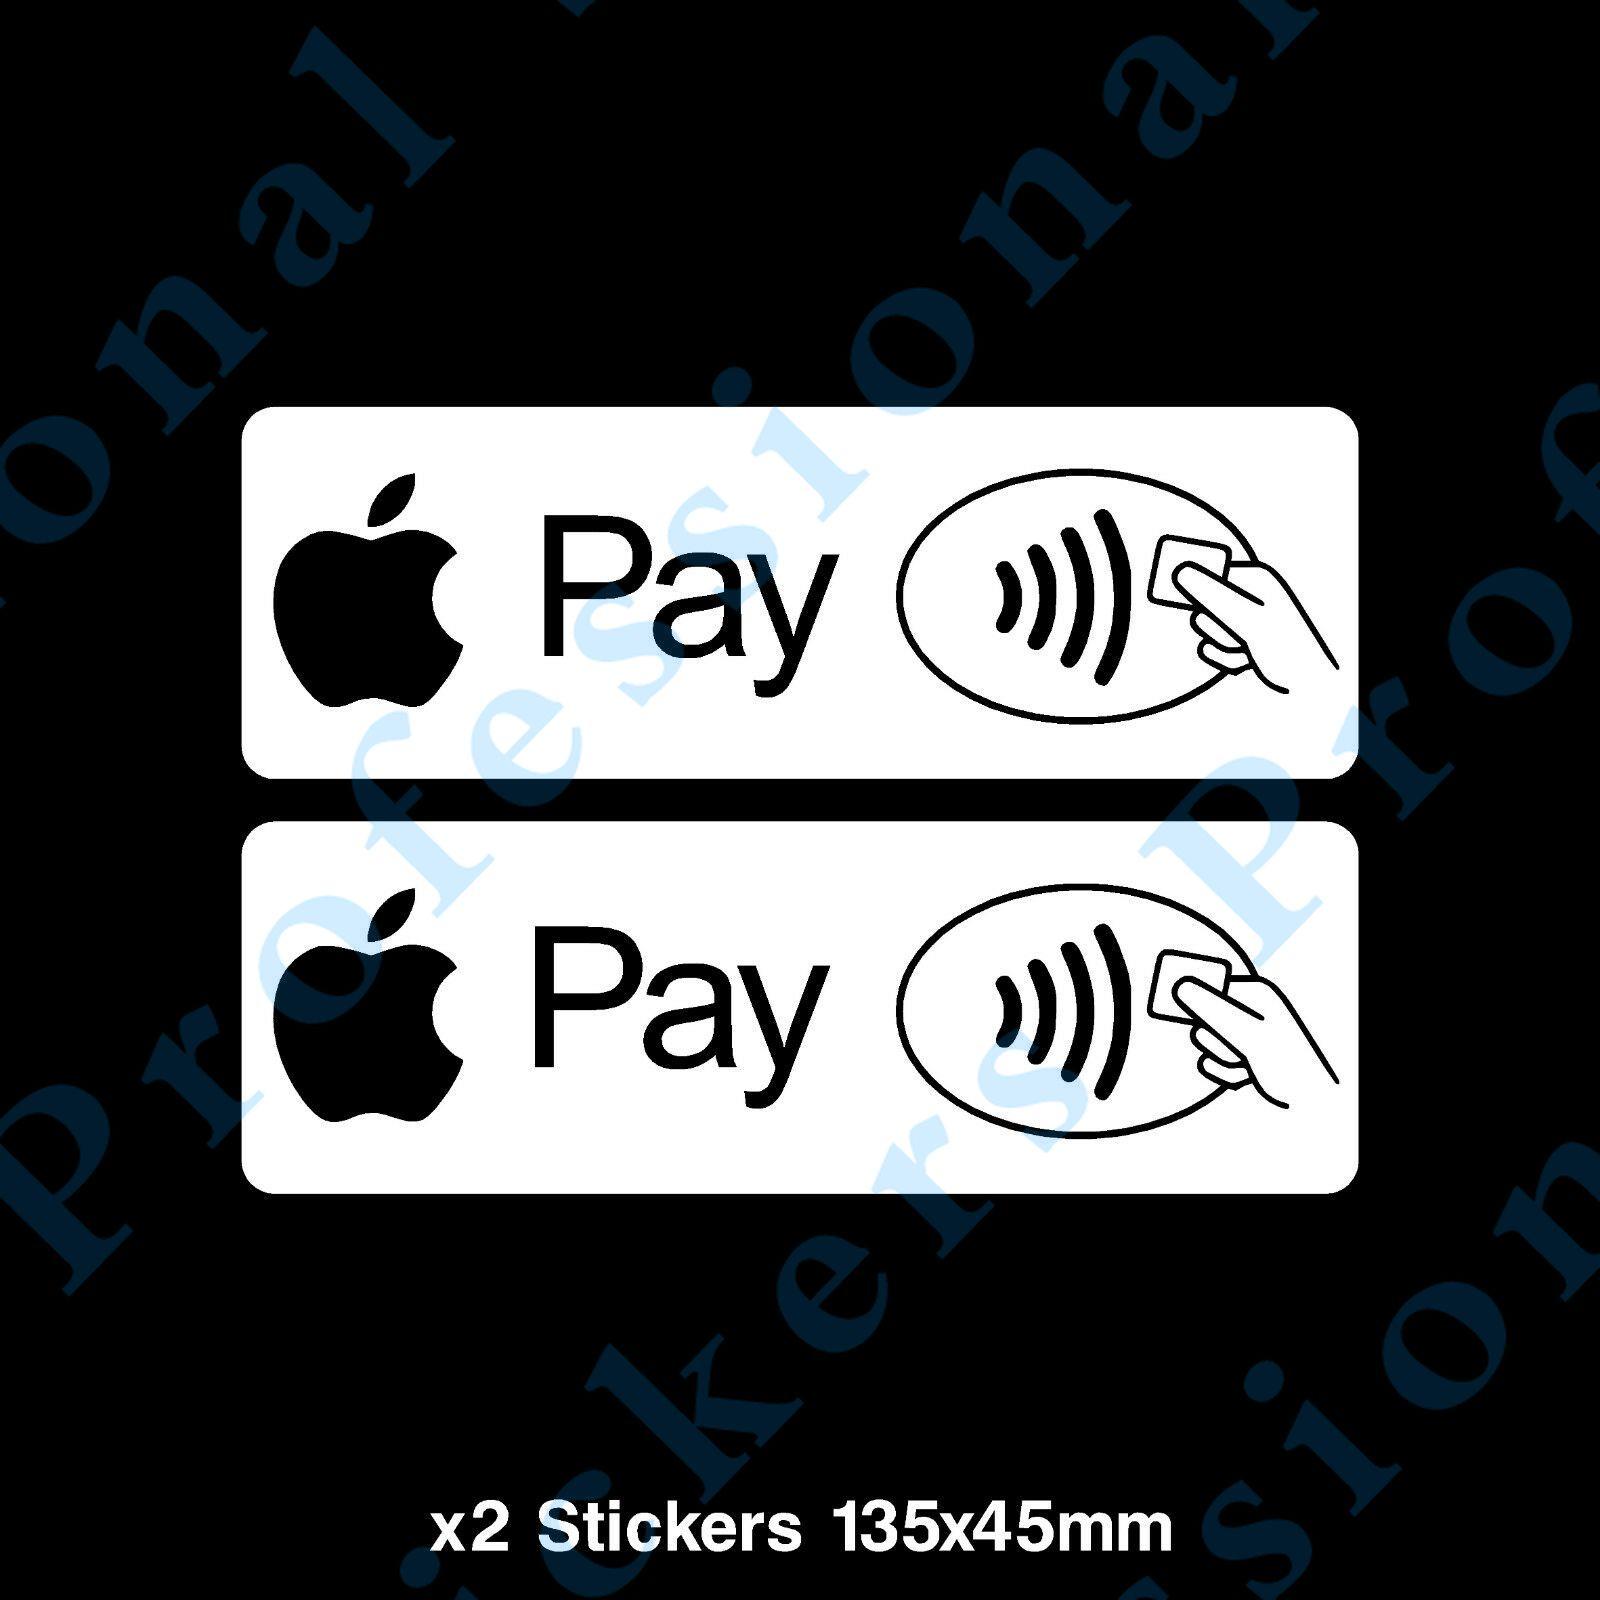 2x бесконтактной оплаты Apple Pay Стикеры-магазин, кафе, футболки с рисунком «Такси» бизнес (CC045) Водонепроницаемый виниловые наклейки для автомо...